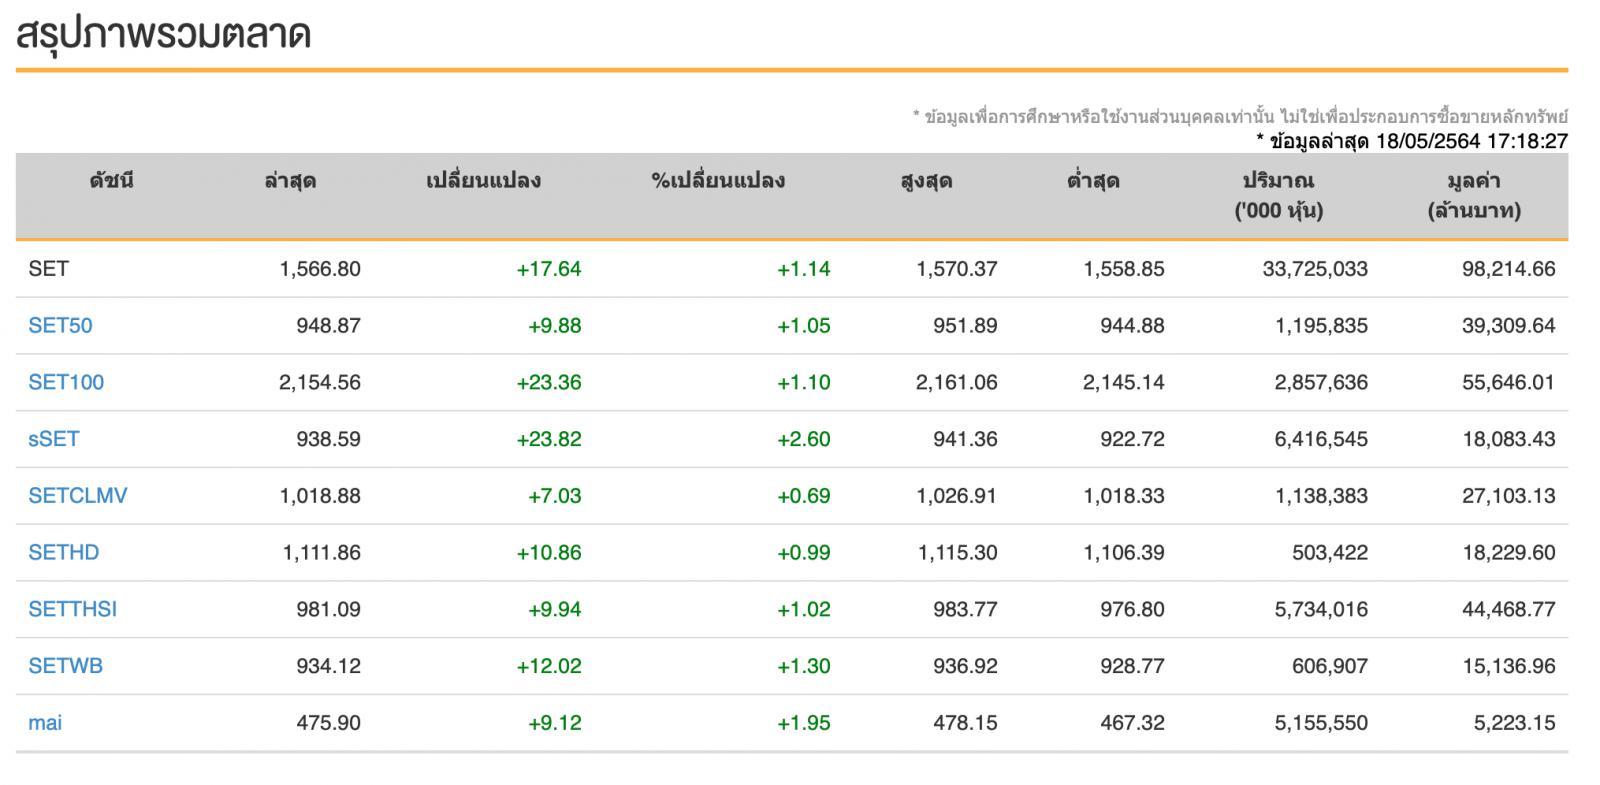 หุ้นไทย (18 พ.ค.64) ปิดการซื้อขาย 1,566.80 จุด เพิ่มขึ้น  +17.64 จุด